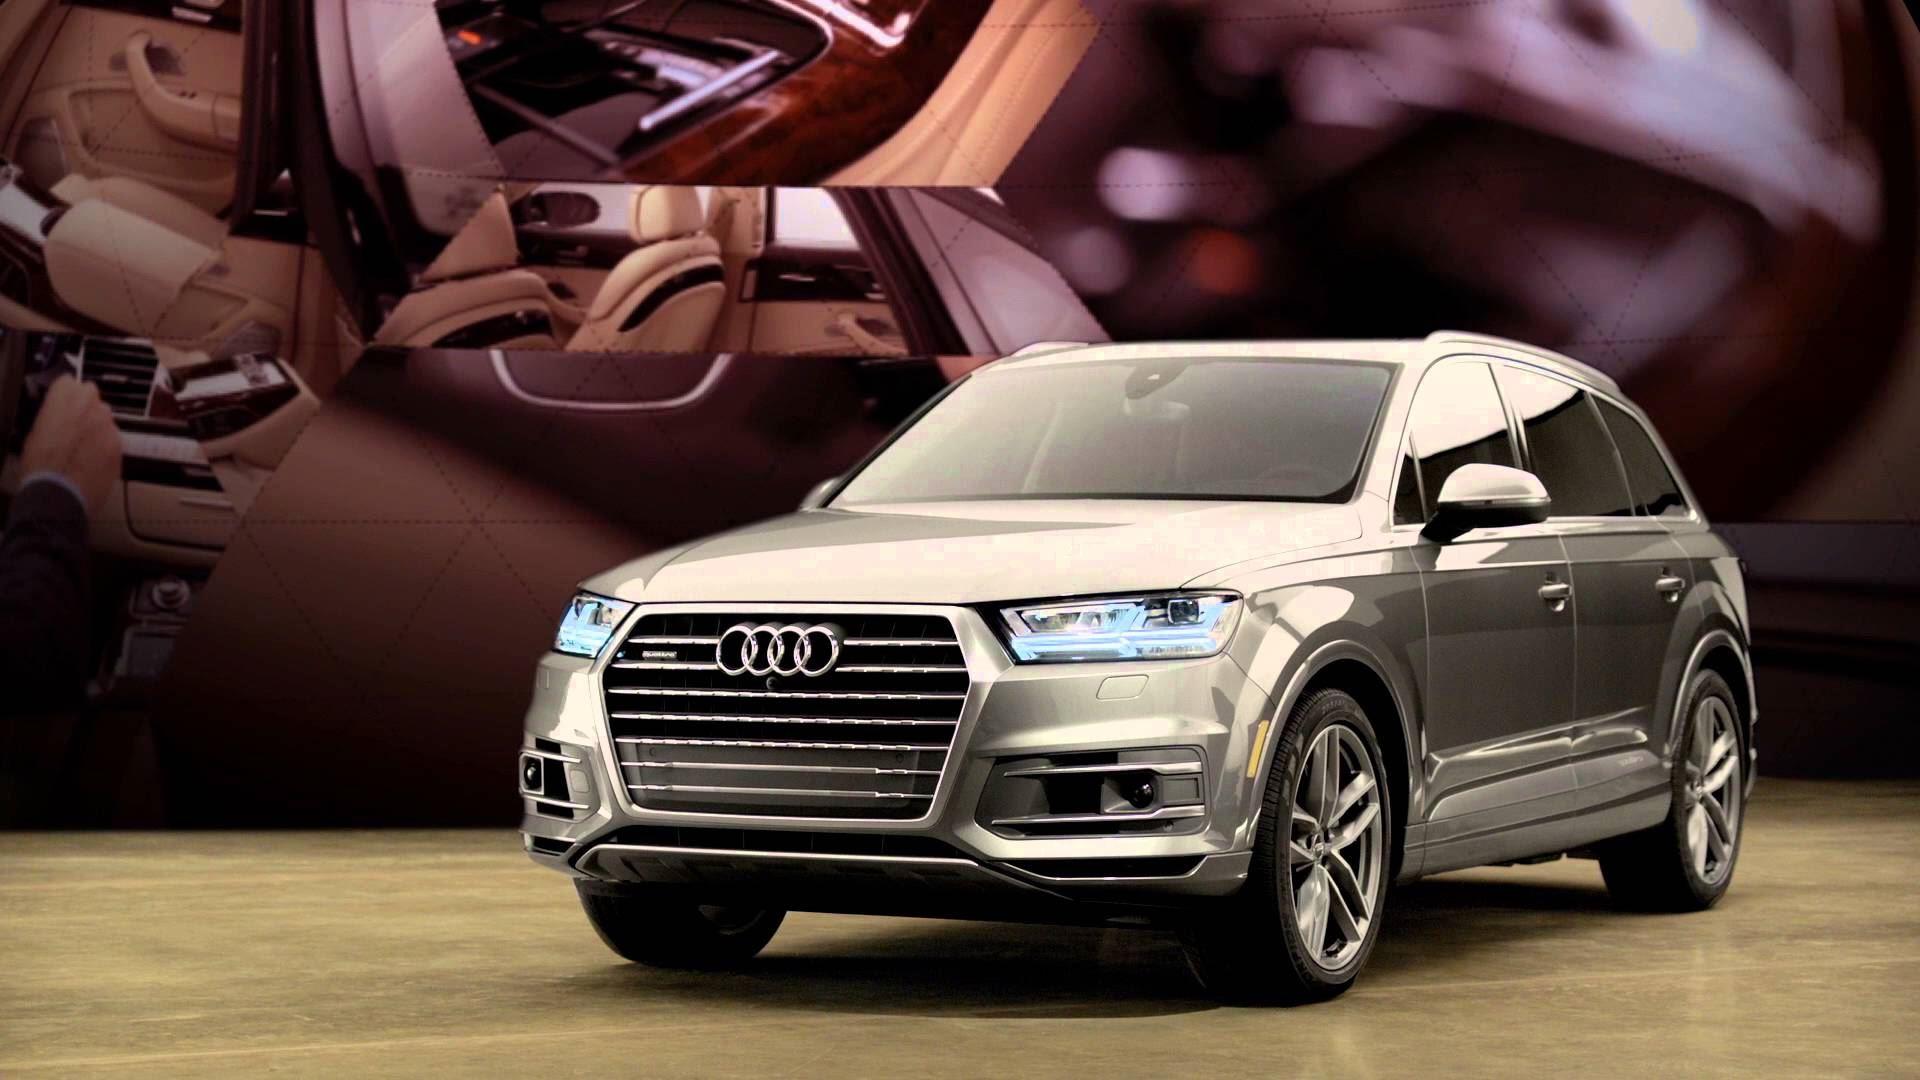 Kelebihan Kekurangan Jeep Audi Top Model Tahun Ini